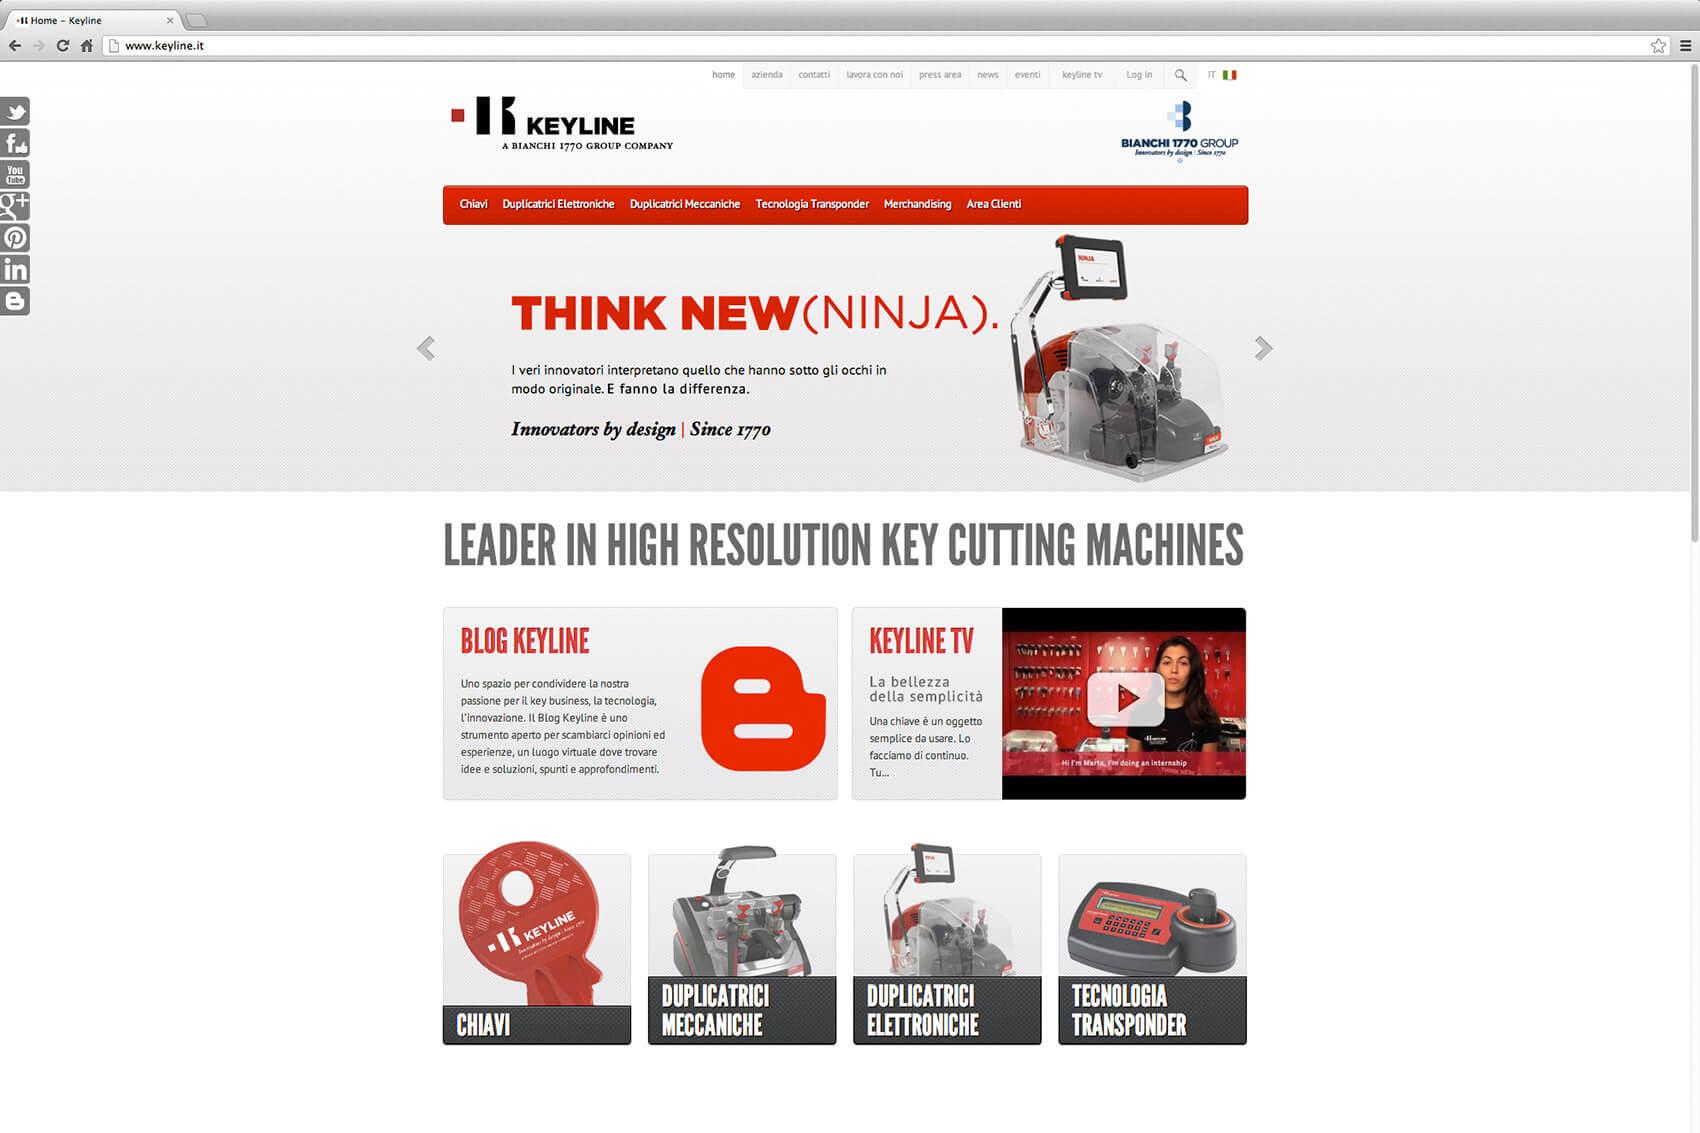 Keyline Website Redesign 2